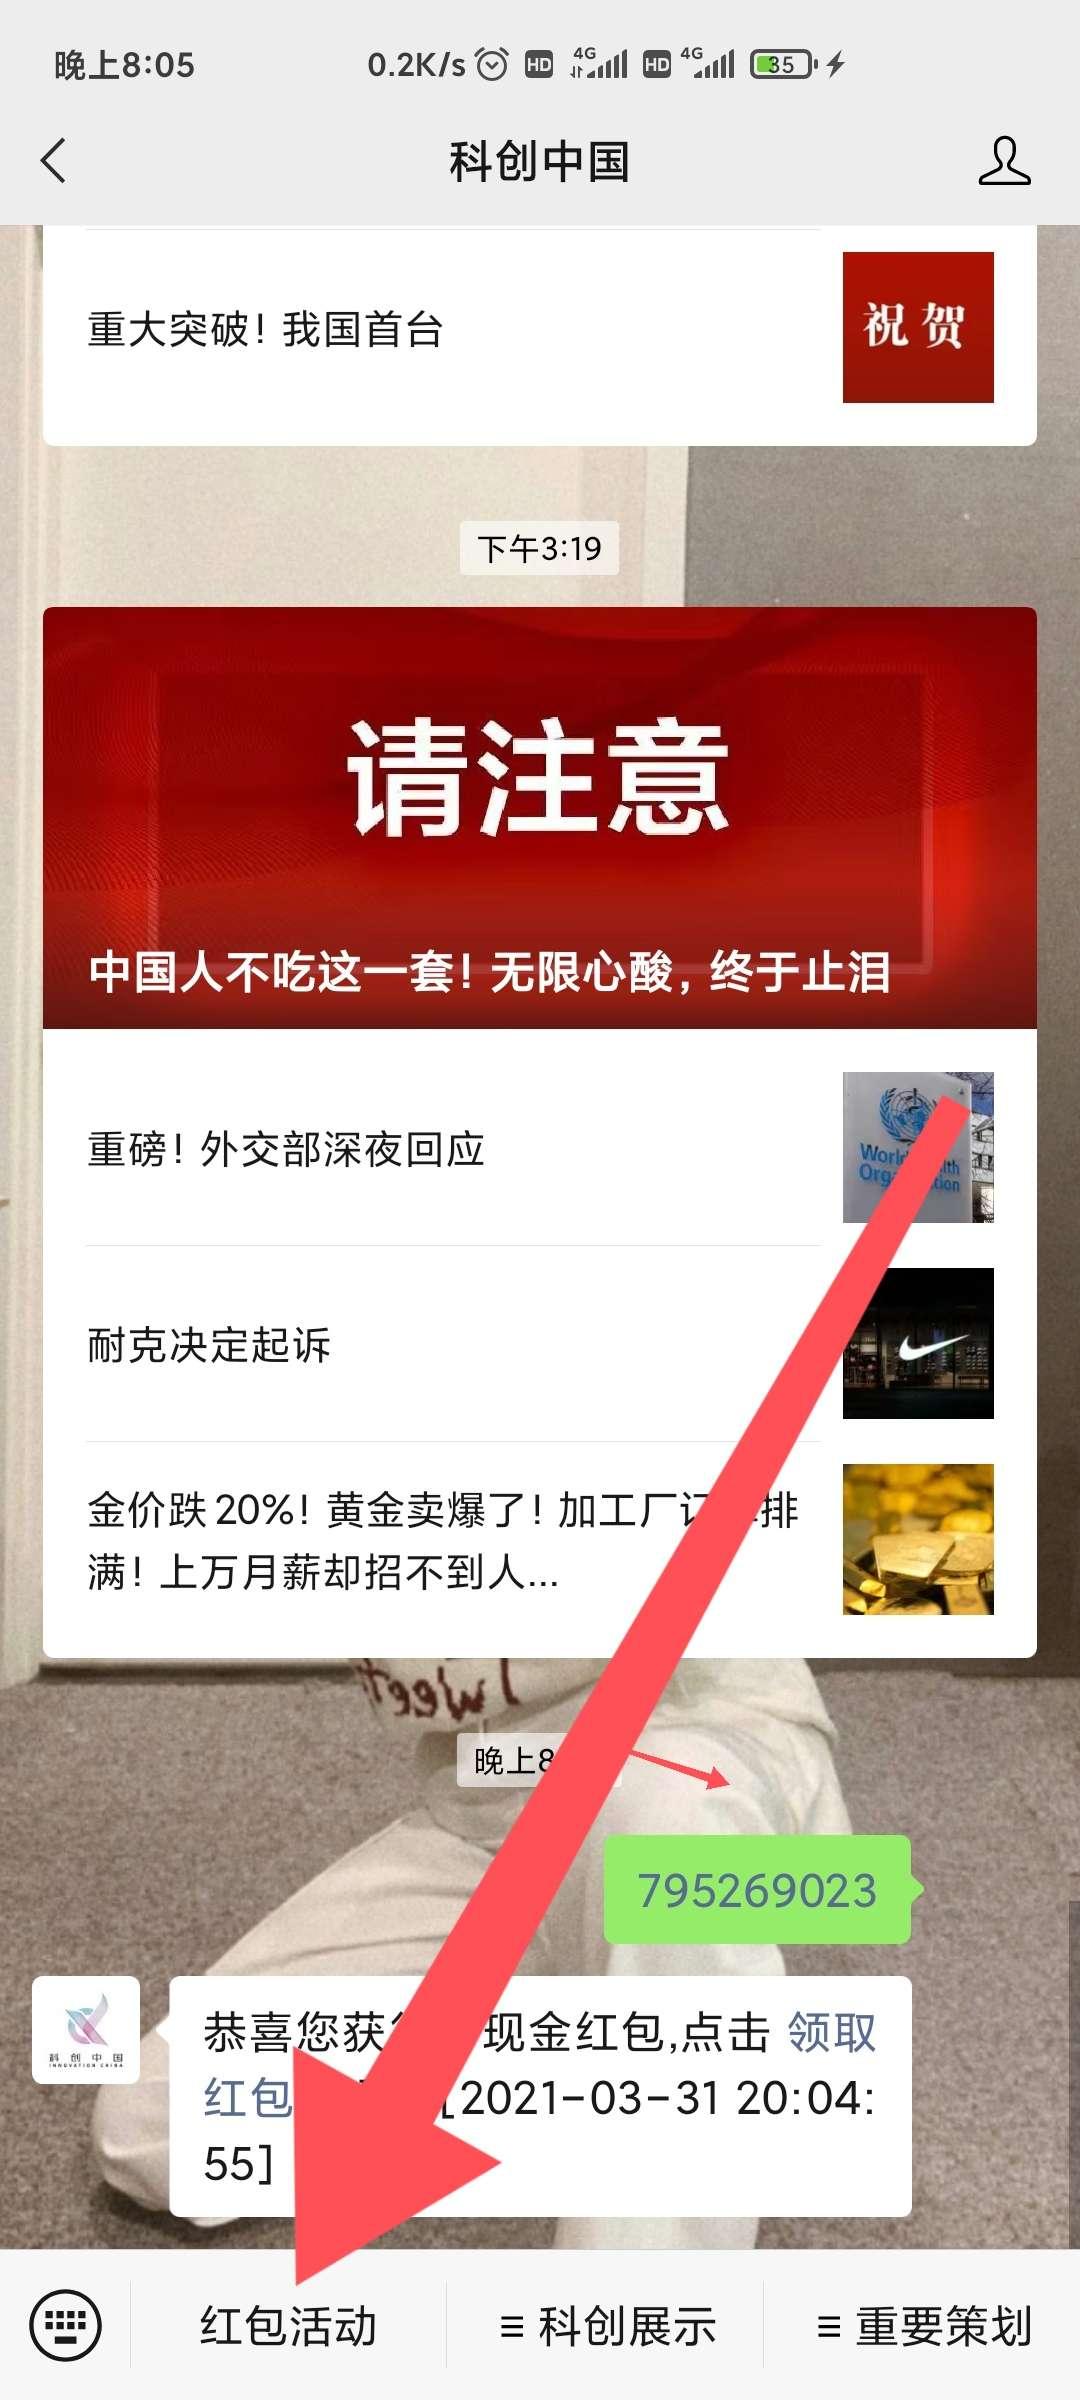 科创中国 新一期答题抽红包